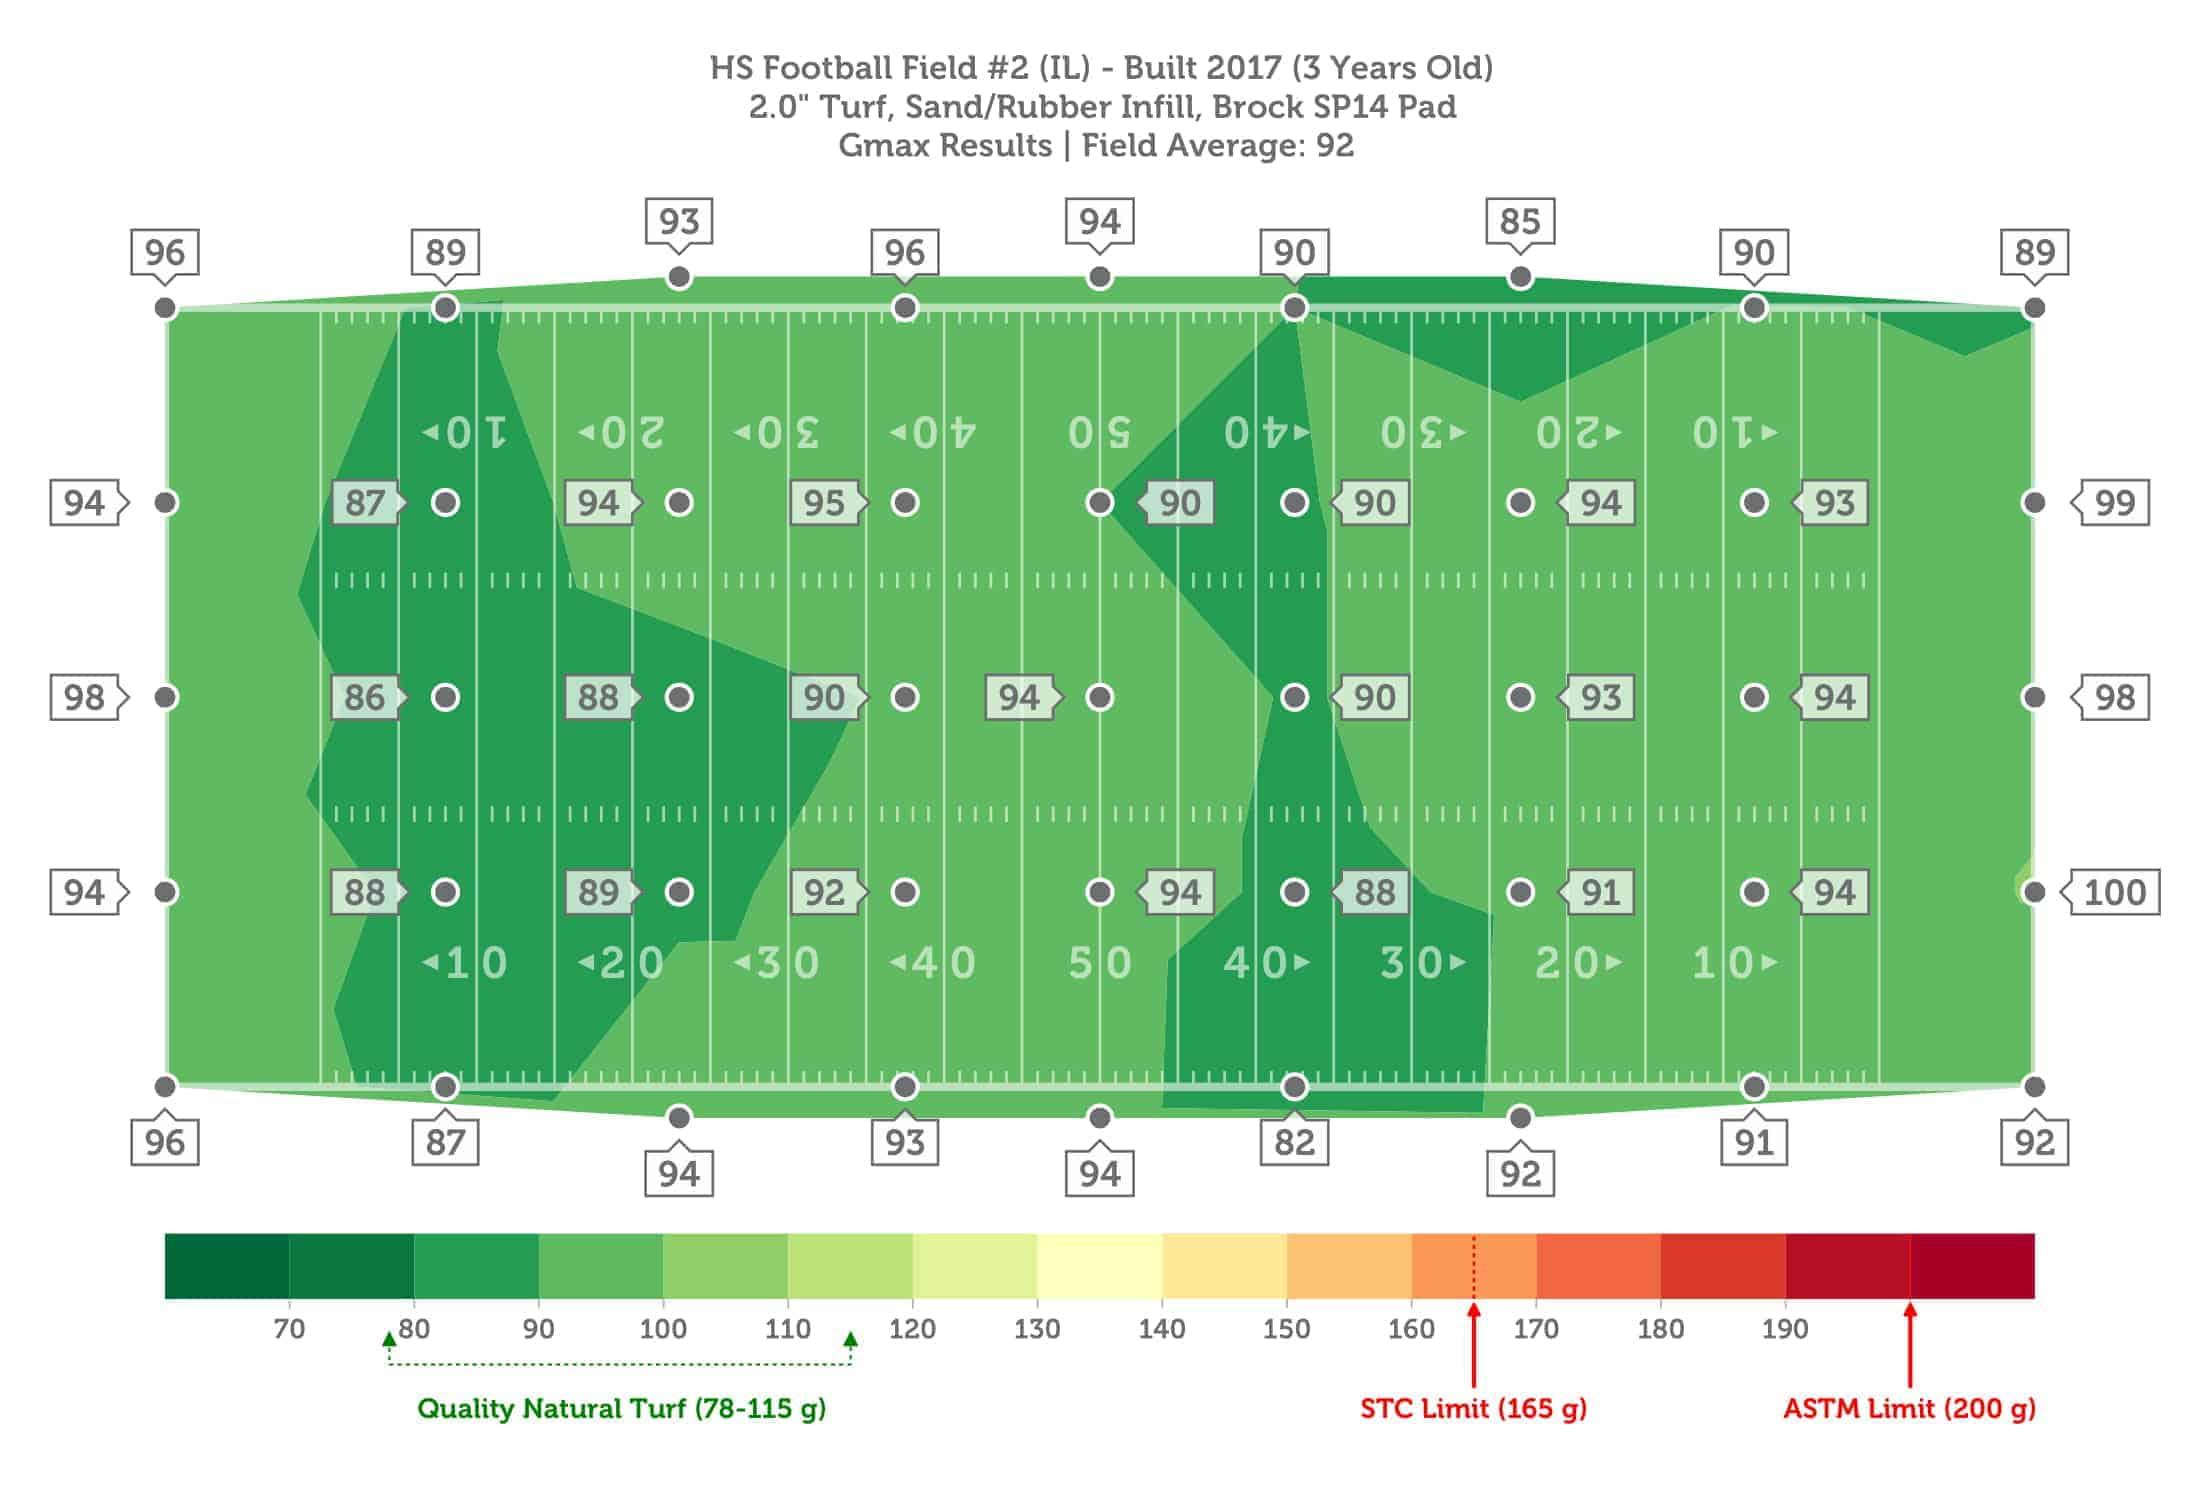 2. HS Football Field #2 (IL), 3yo, Brock SP14 Pad, Sand-Rubber, GMAX-1